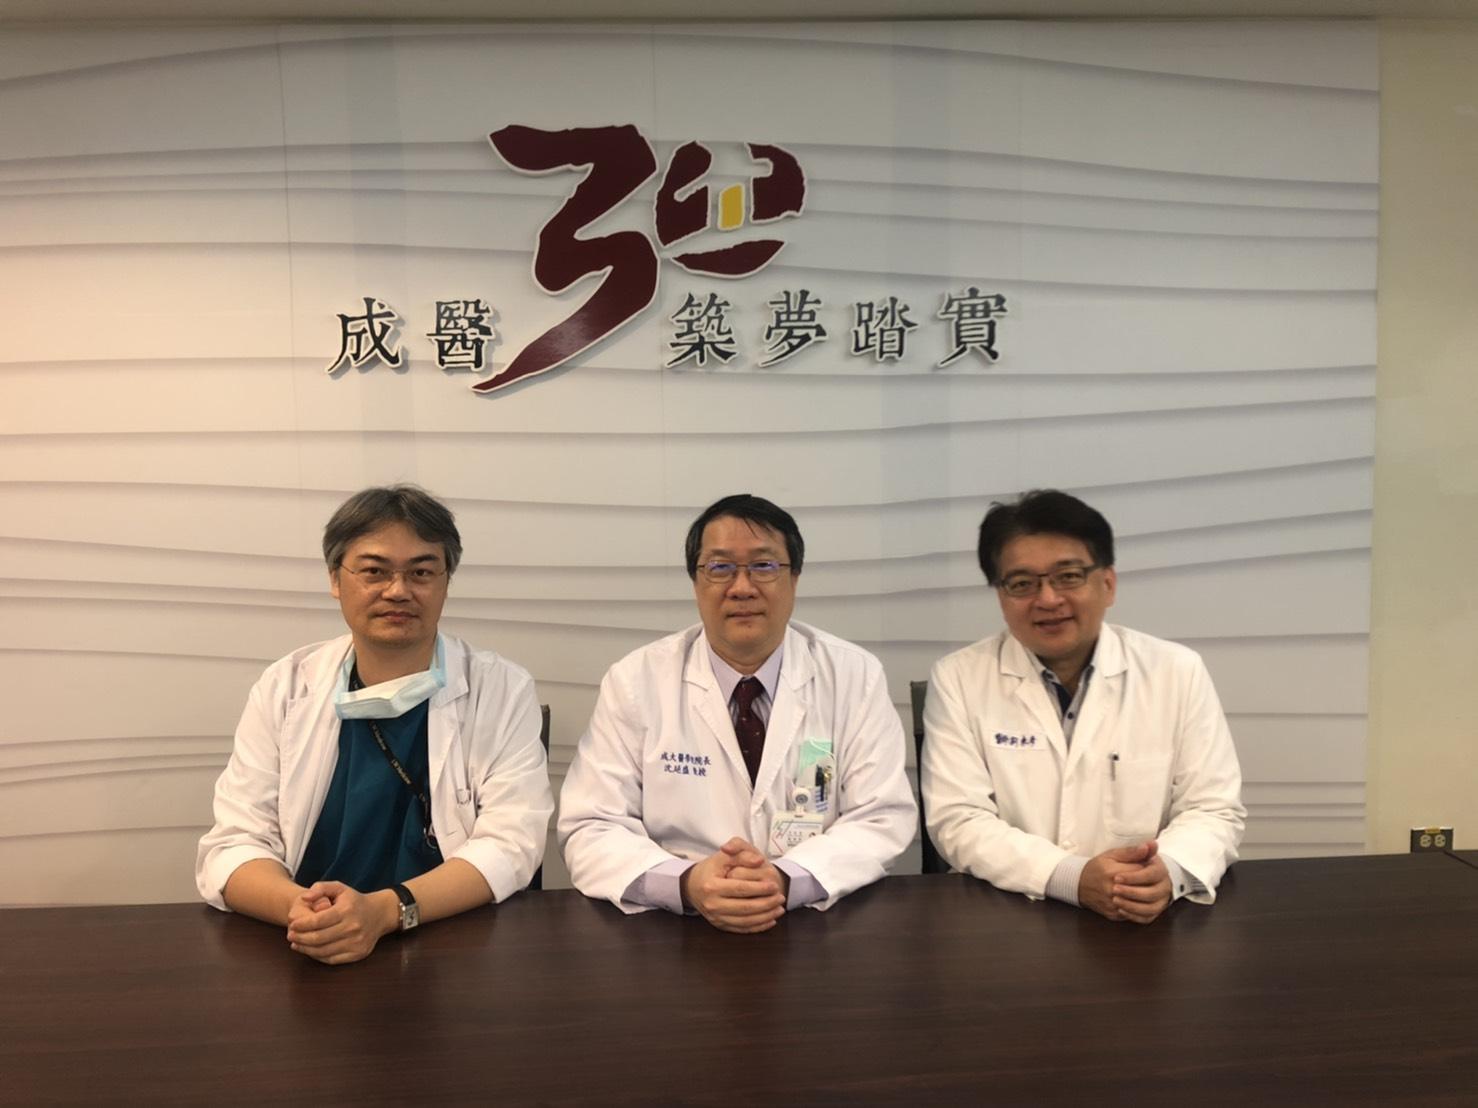 成大醫院細胞治療中心團隊_2